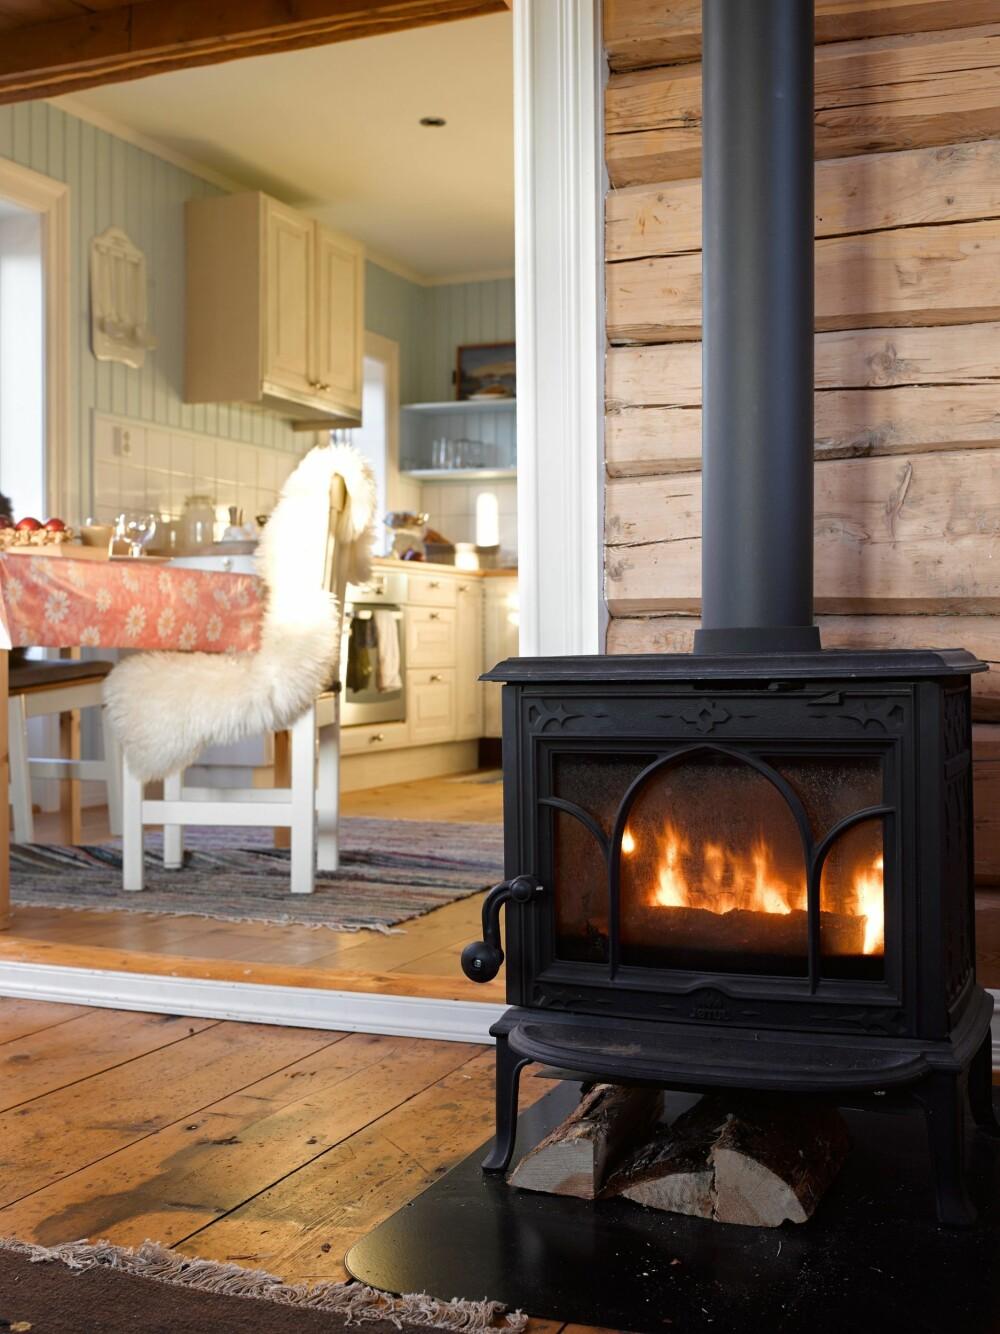 Plass til kjøkken: Tilbygget har gitt rom for et komfortabelt kjøkken. Det er holdt i duse farger som passer til fargene i skjærgården. Foto: Per Erik Jæger